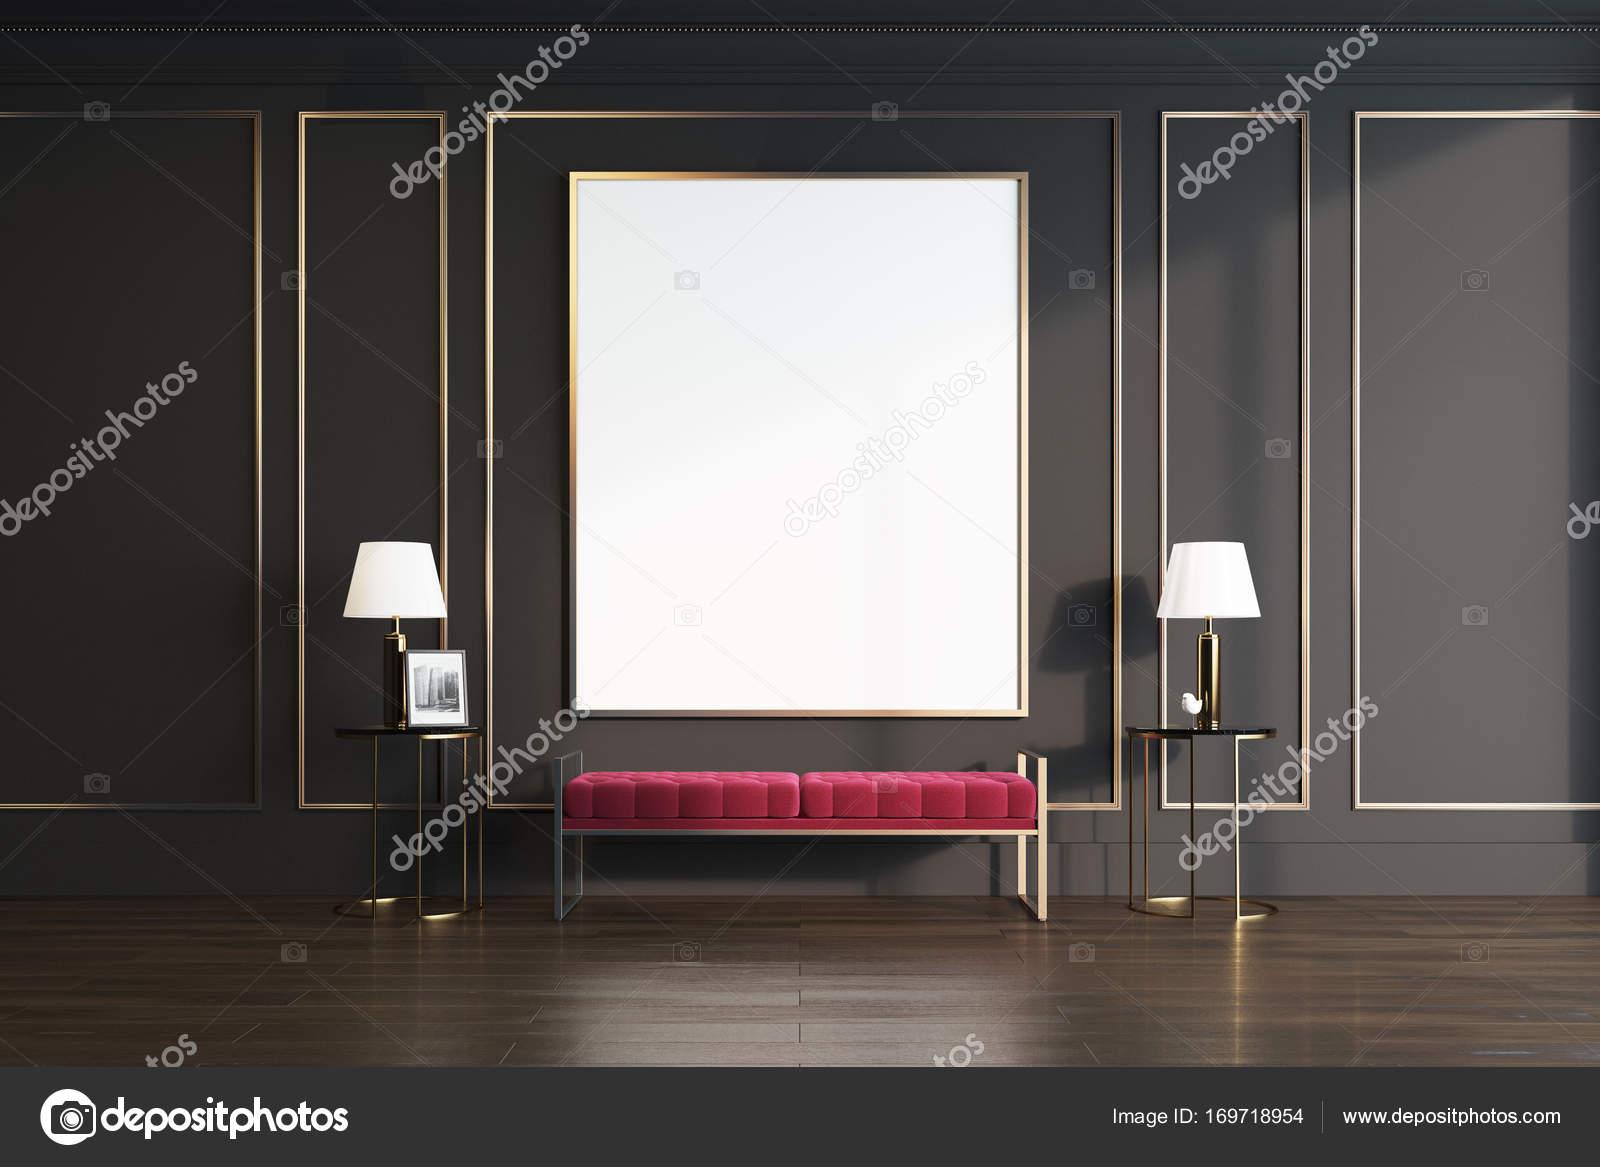 Schwarz Und Gold Wohnzimmer, Rote Bank U2014 Stockfoto